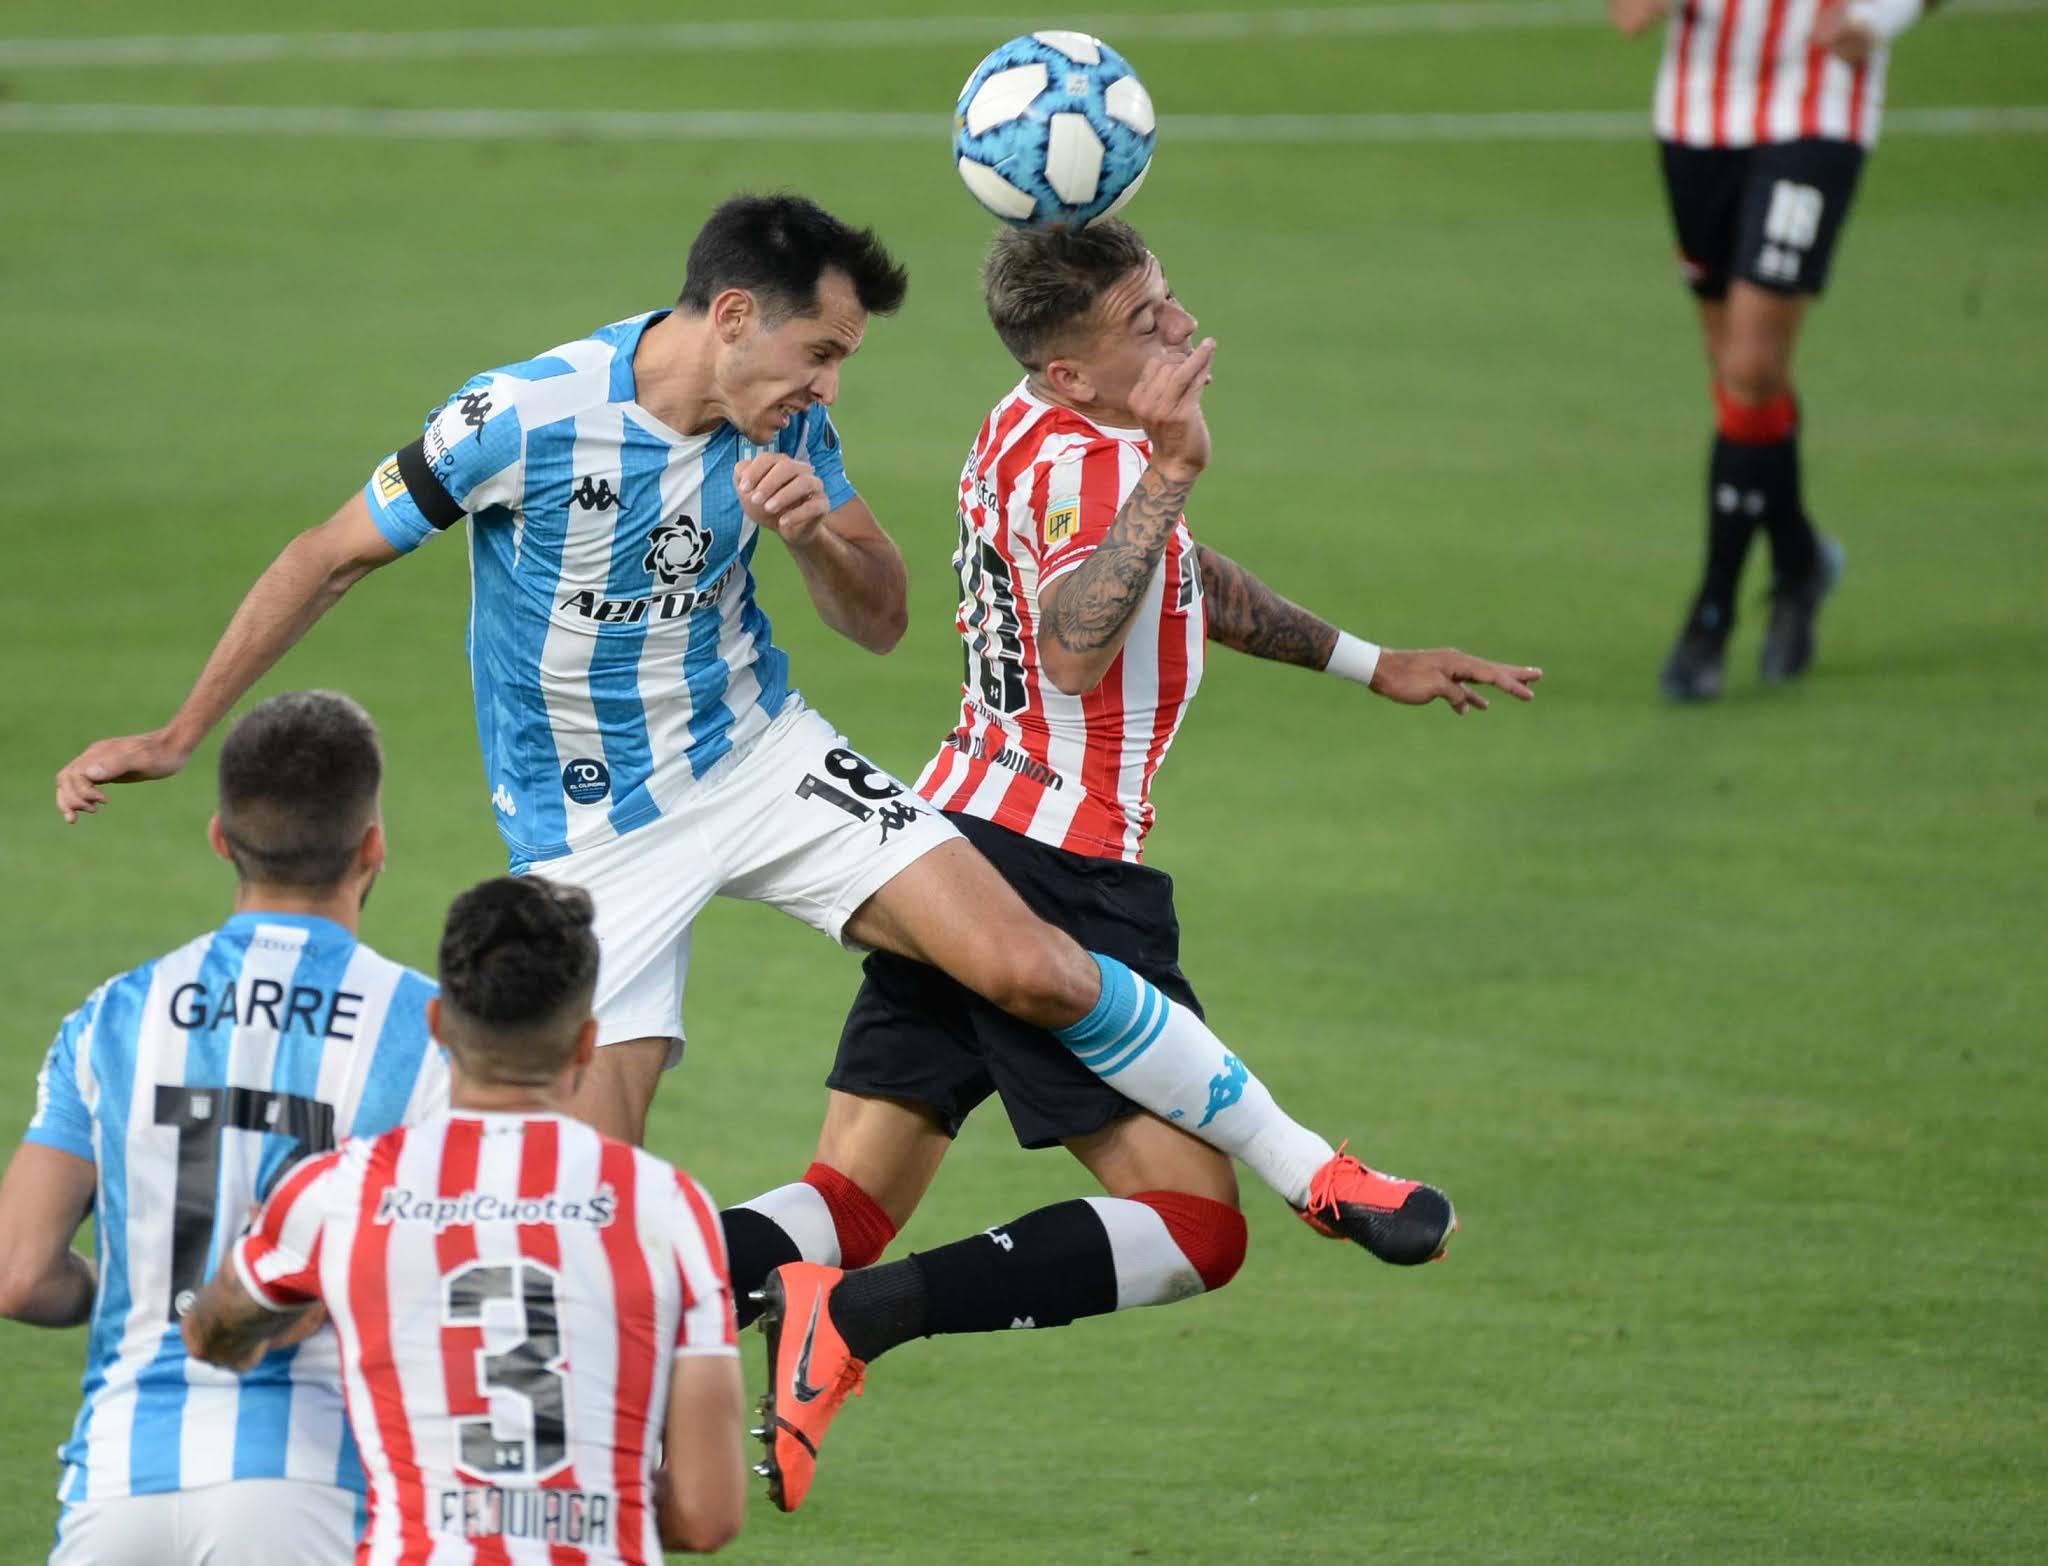 Racing empató con Estudiantes en la previa del cruce ante Boca por la Copa